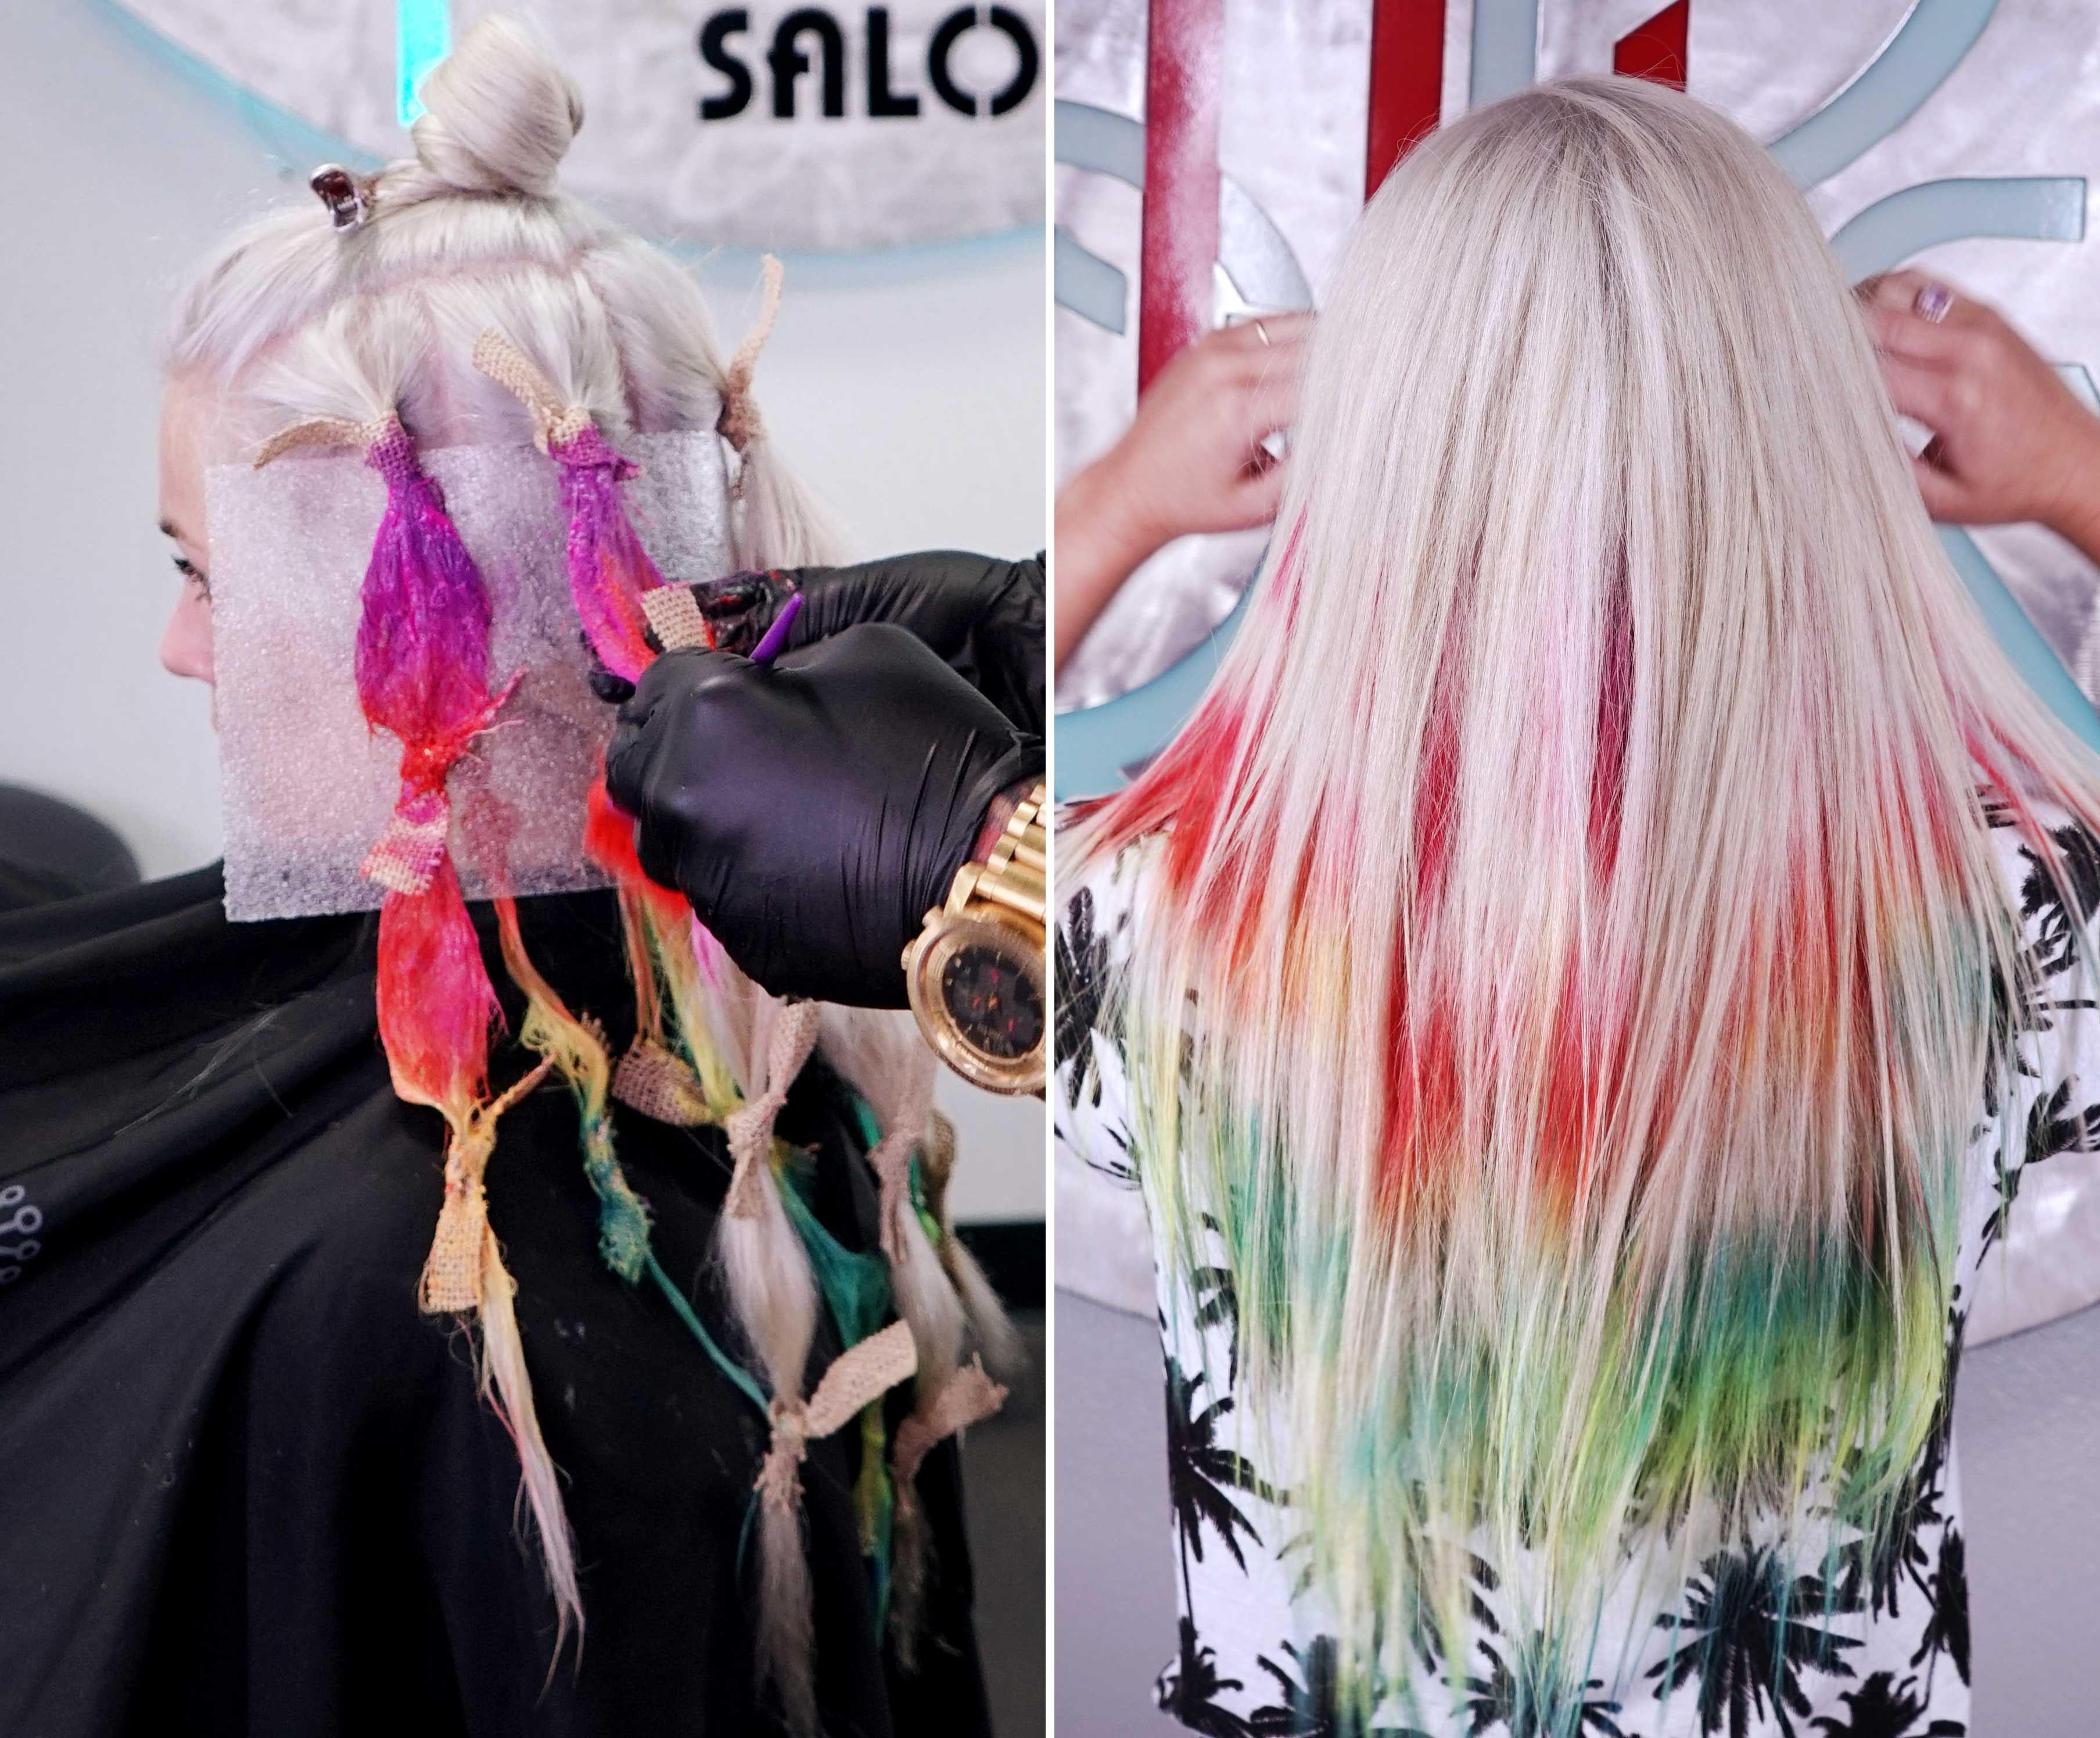 tie dye hair is